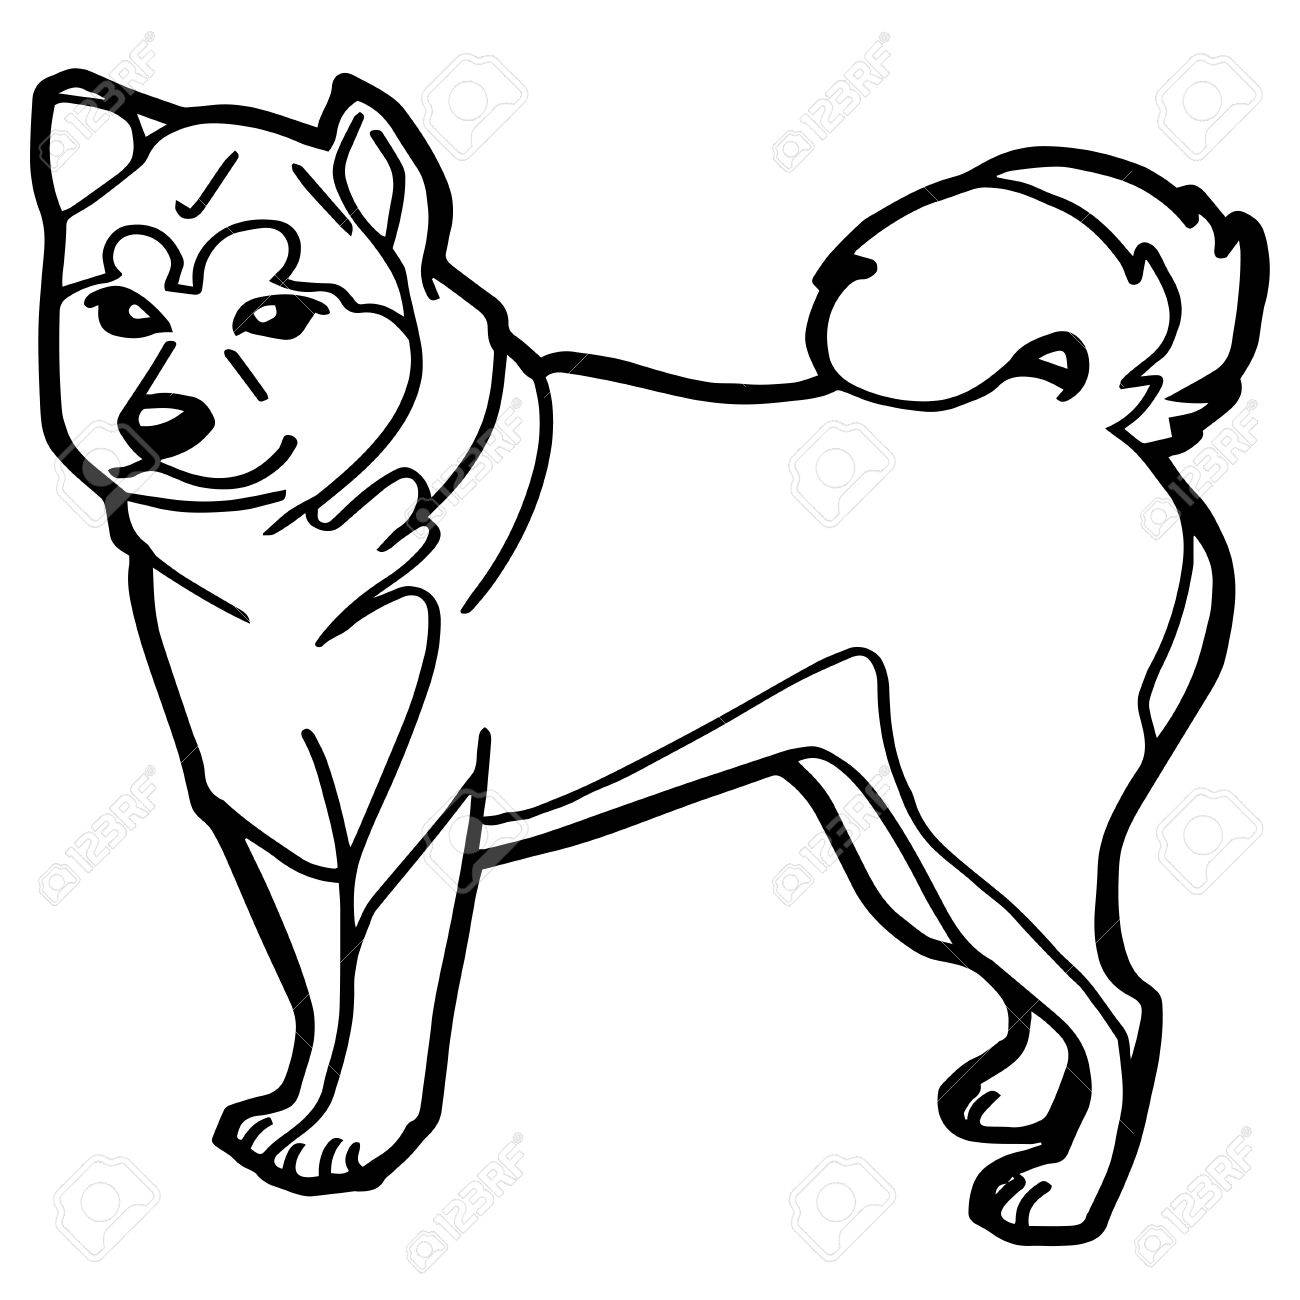 Único Dibujos De Perros Rottweiler Para Colorear